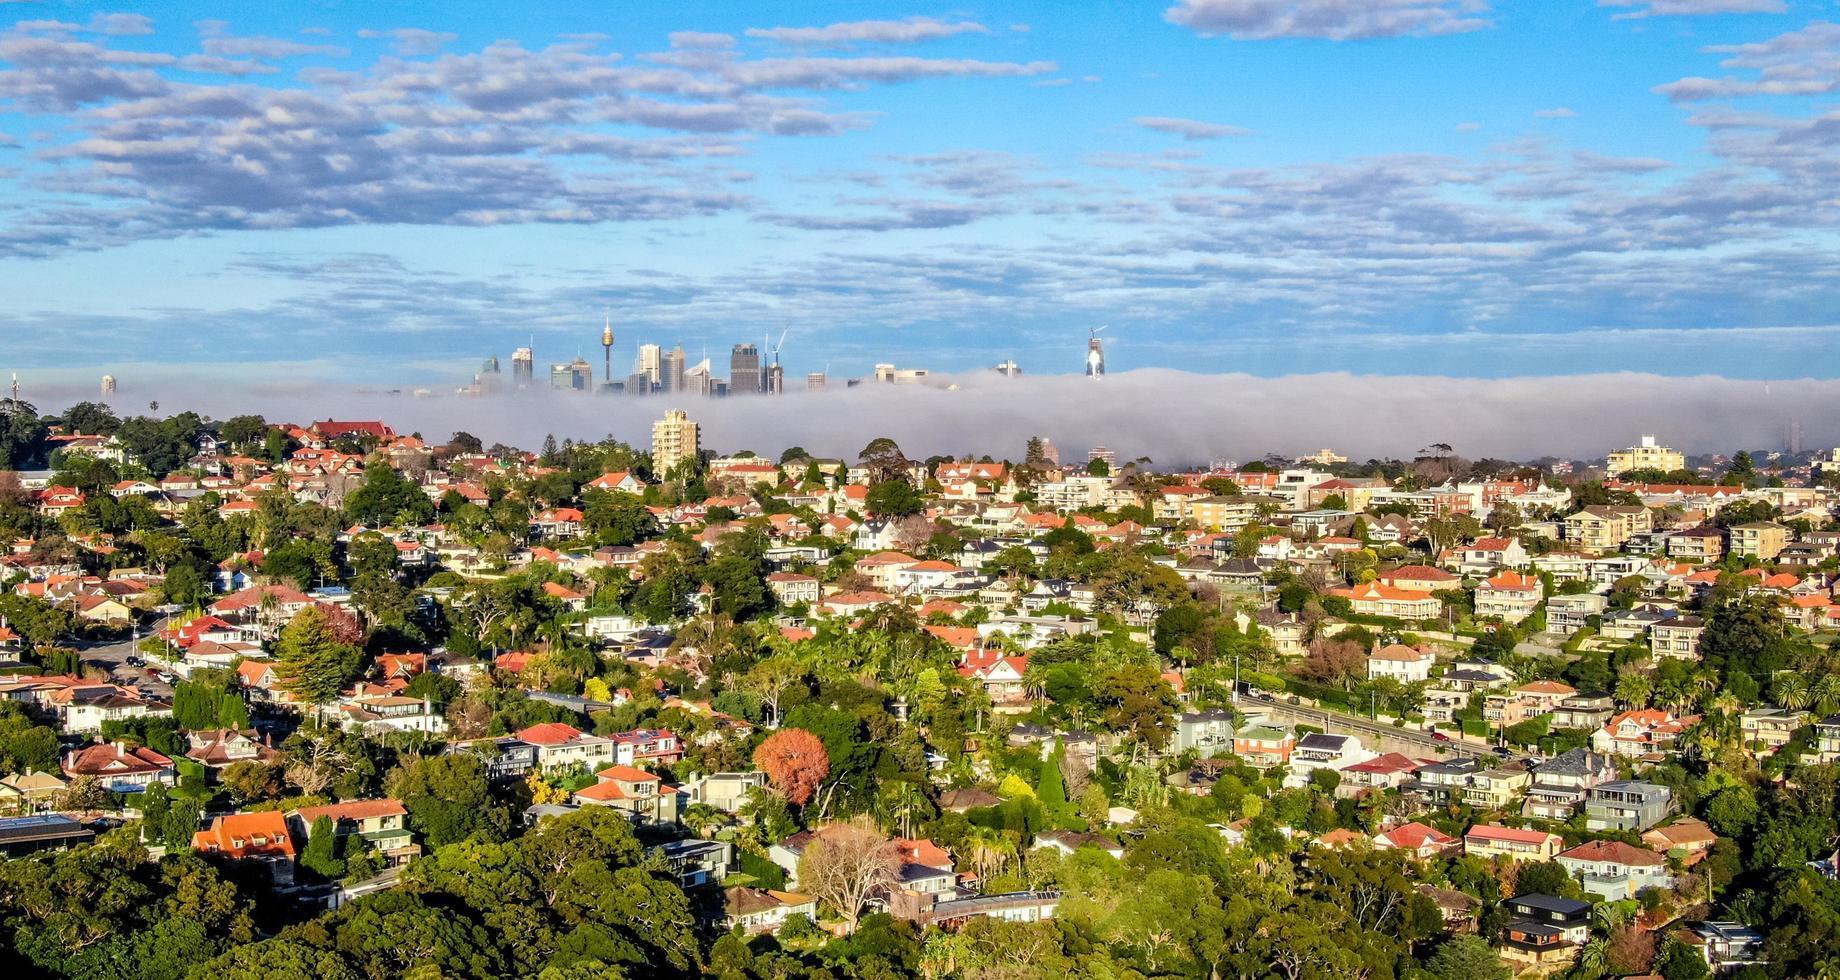 sydney, australien, 2020 - Flygfoto över stadsbyggnader under dagtid foto